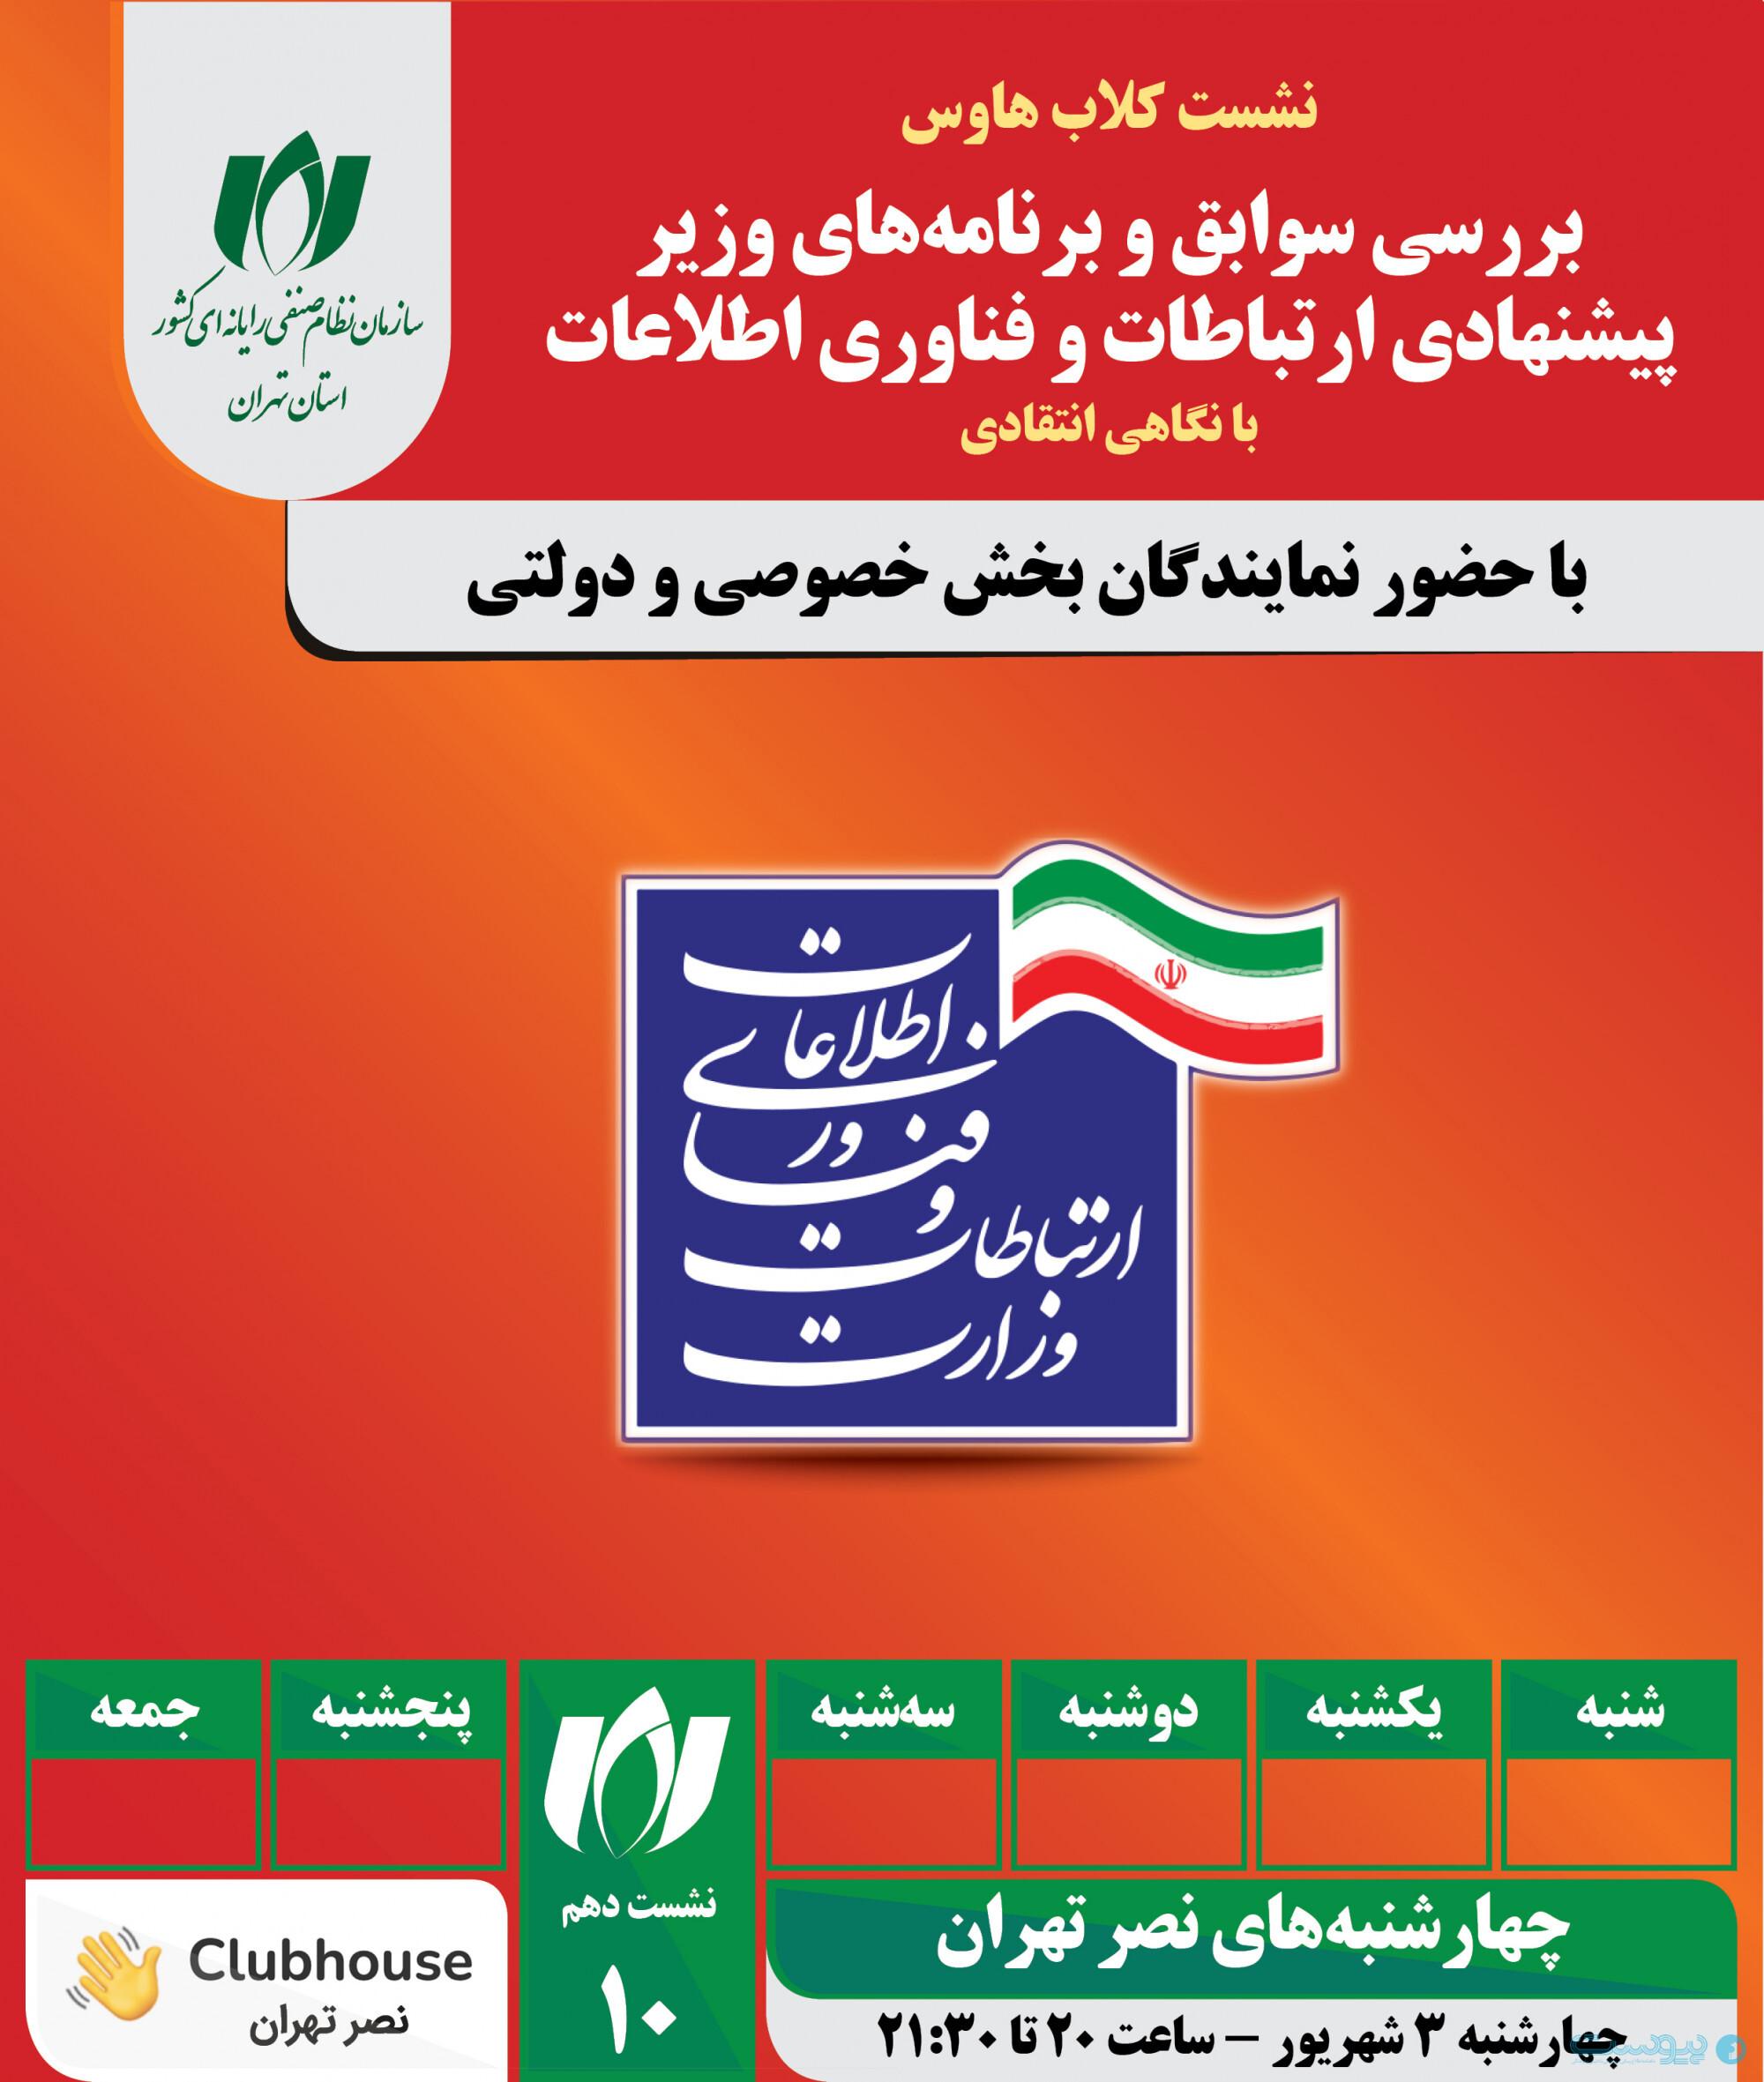 پوستر نشست کلابهاوس سازمان نظام صنفی نصر تهران